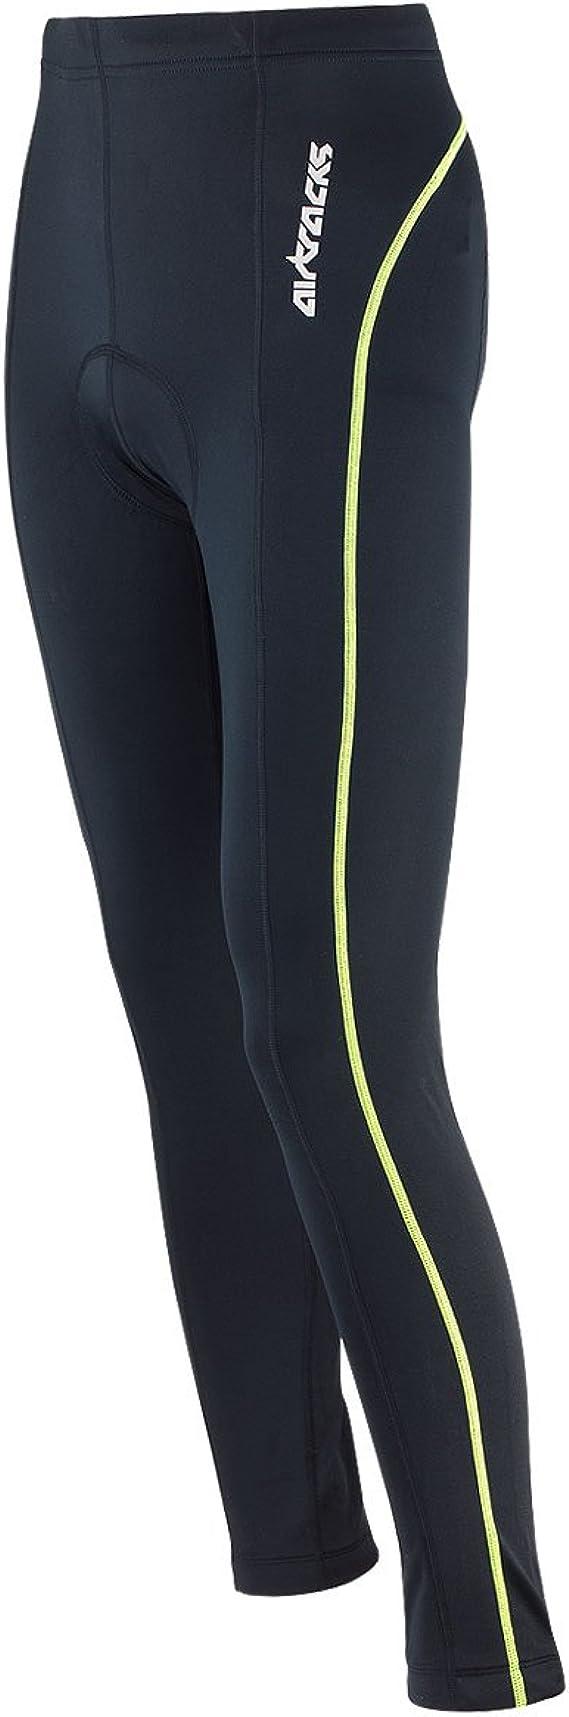 SR0063 Trainingshose Jogginghose Funktionshose Radhose Leggings Radlerhose